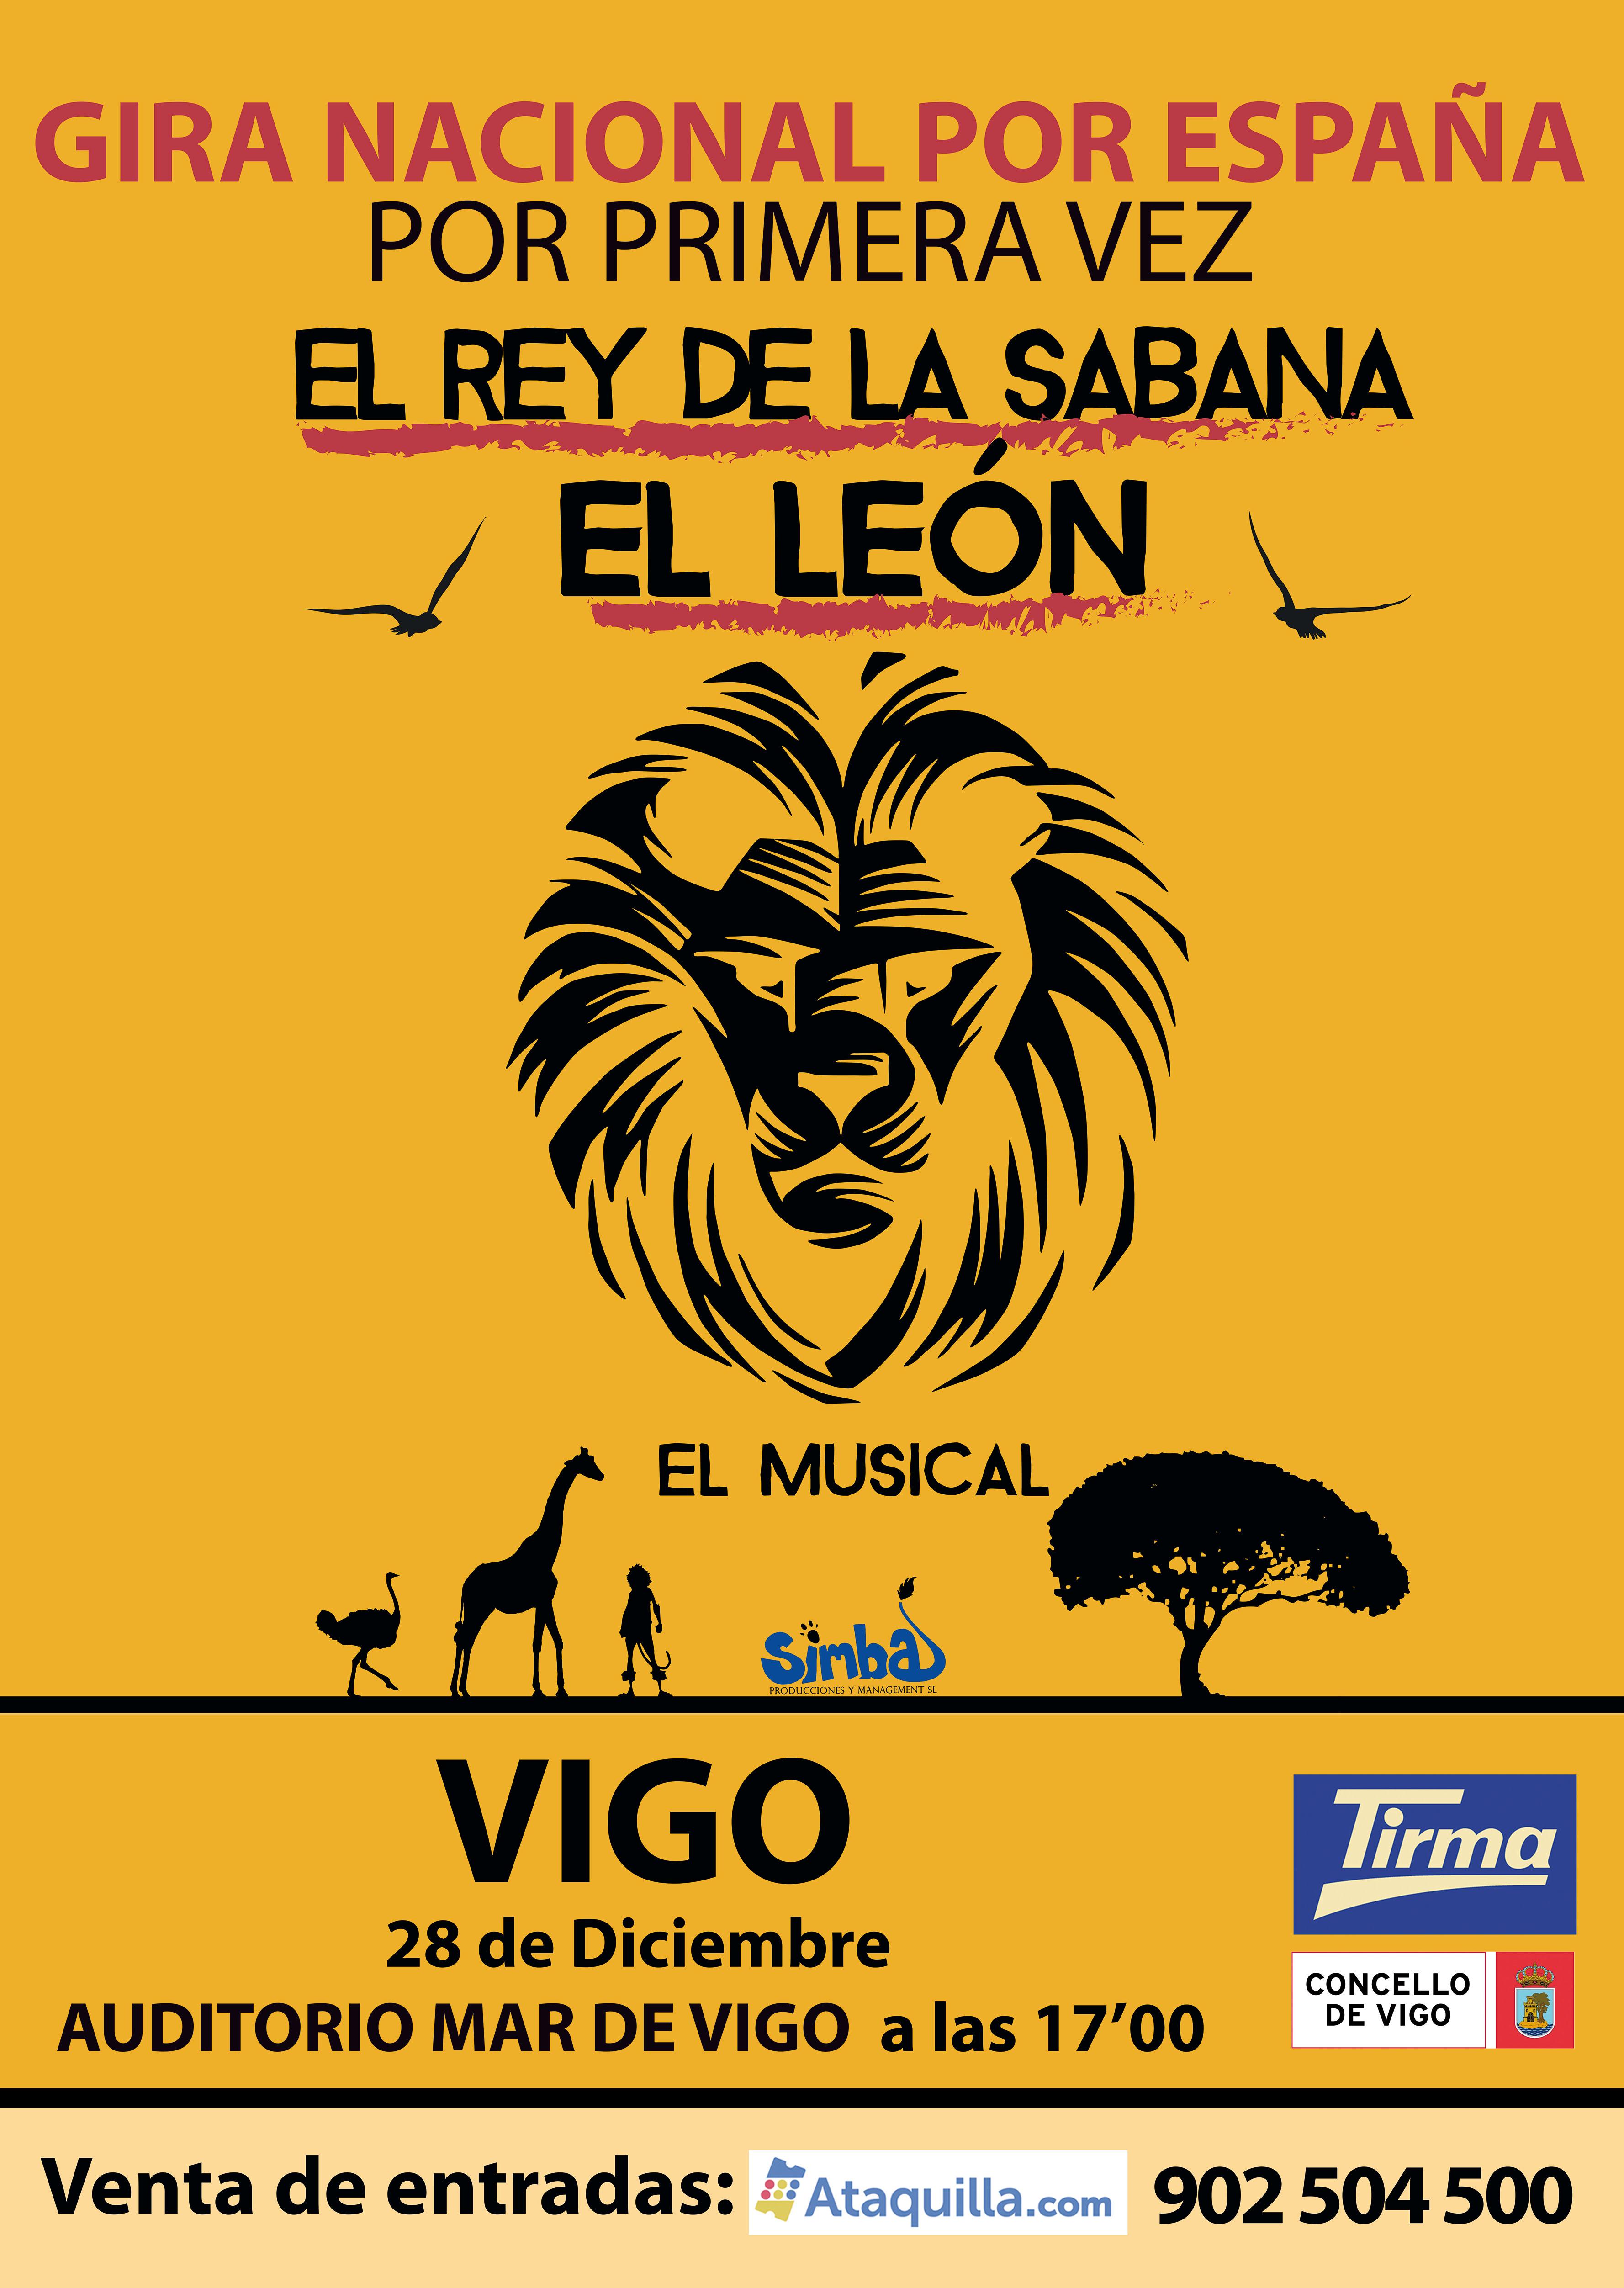 El Rey de la Sabana, El León